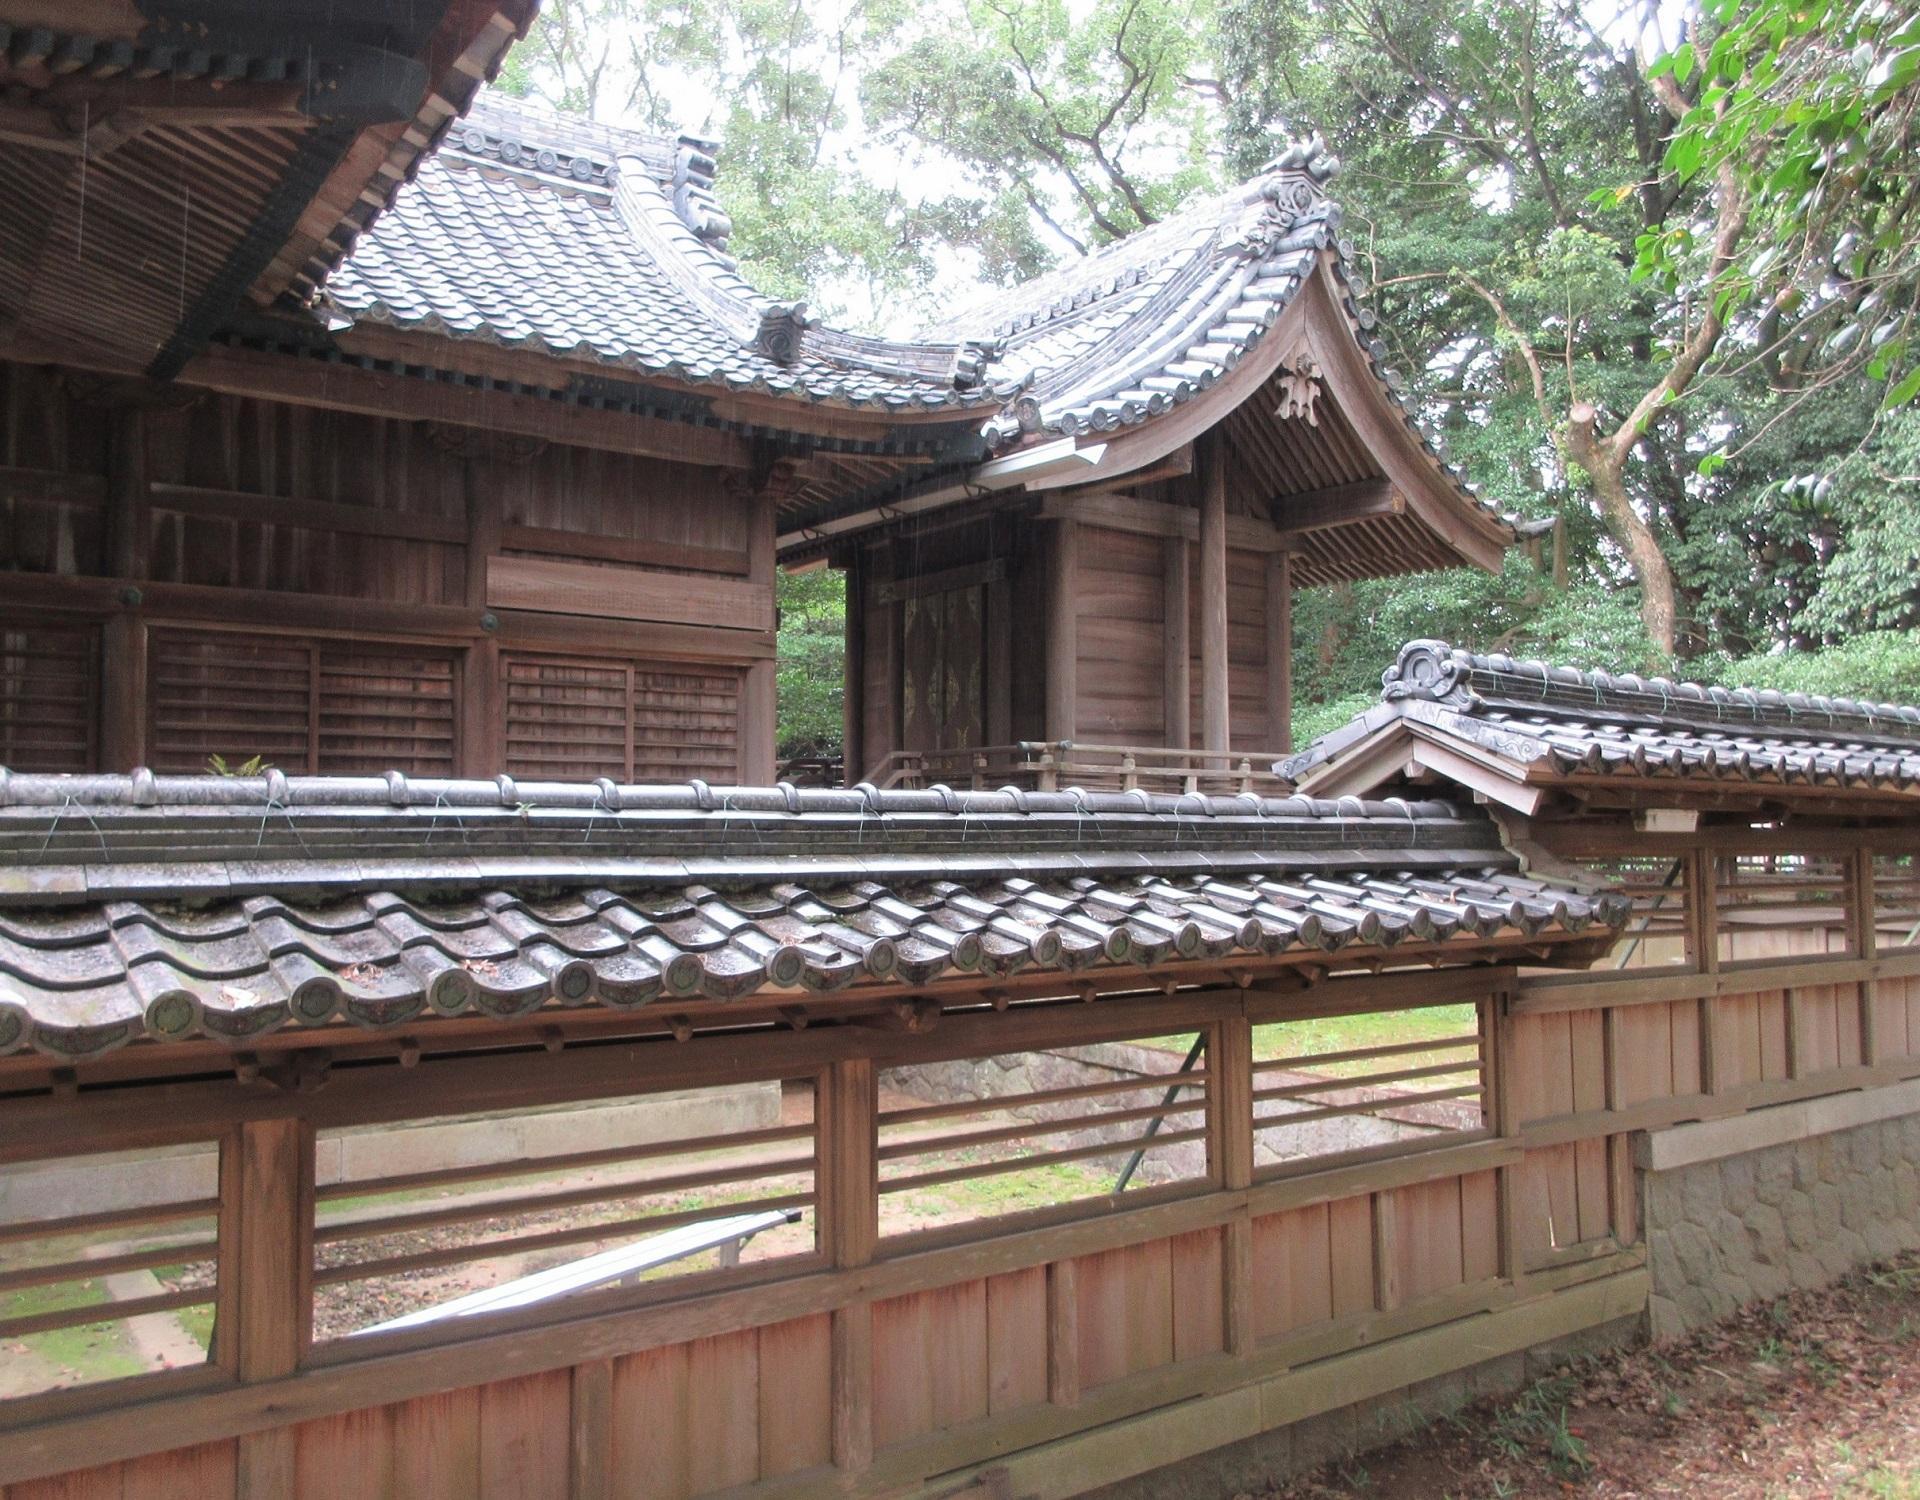 2020.7.23 (11) 小針神明社 - わたり殿と本殿 1920-1500